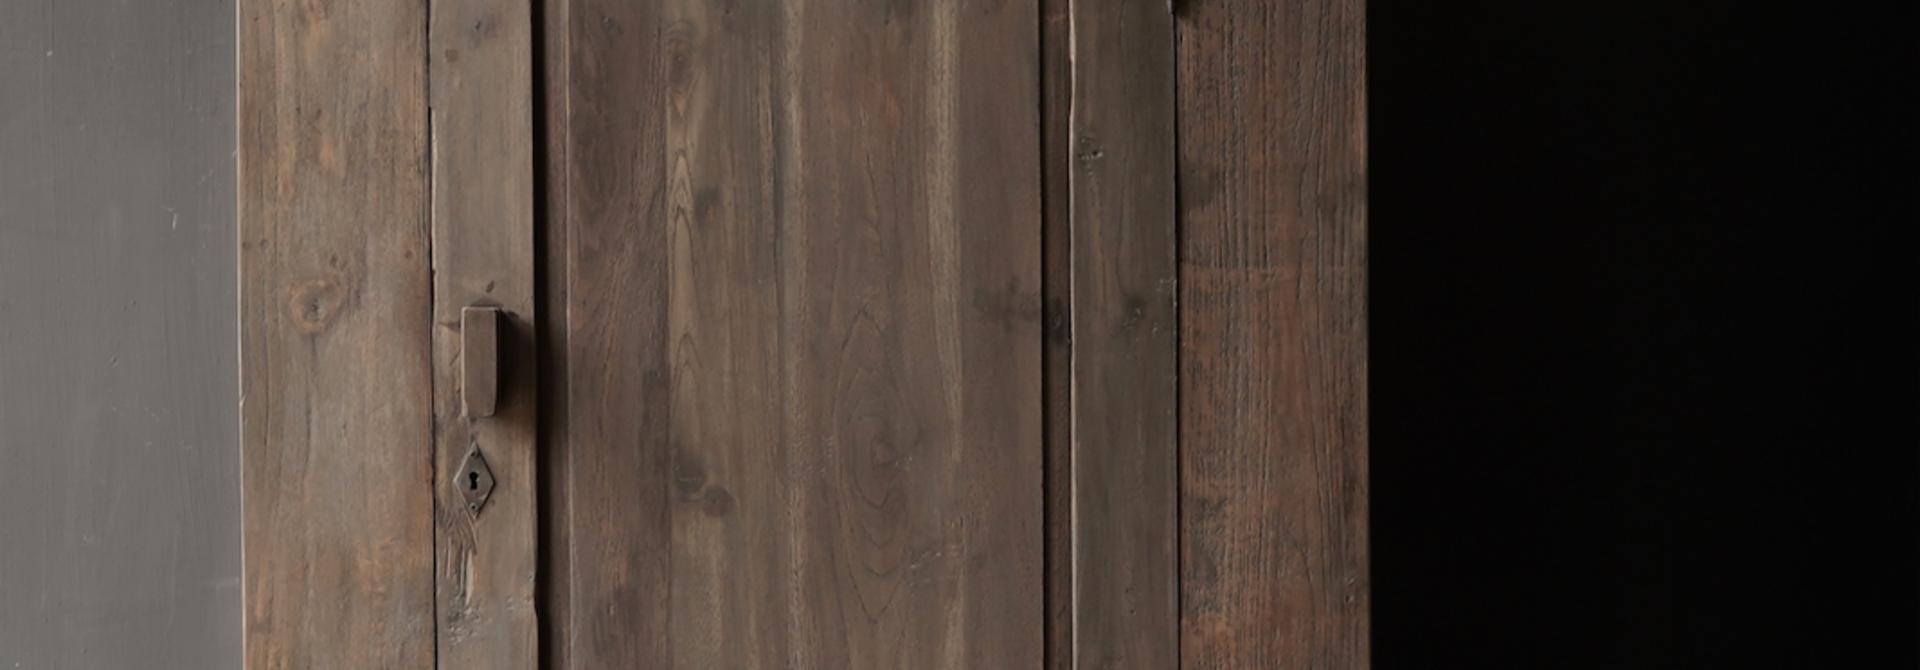 Robuster ländlicher alter Holzschrank mit Schublade